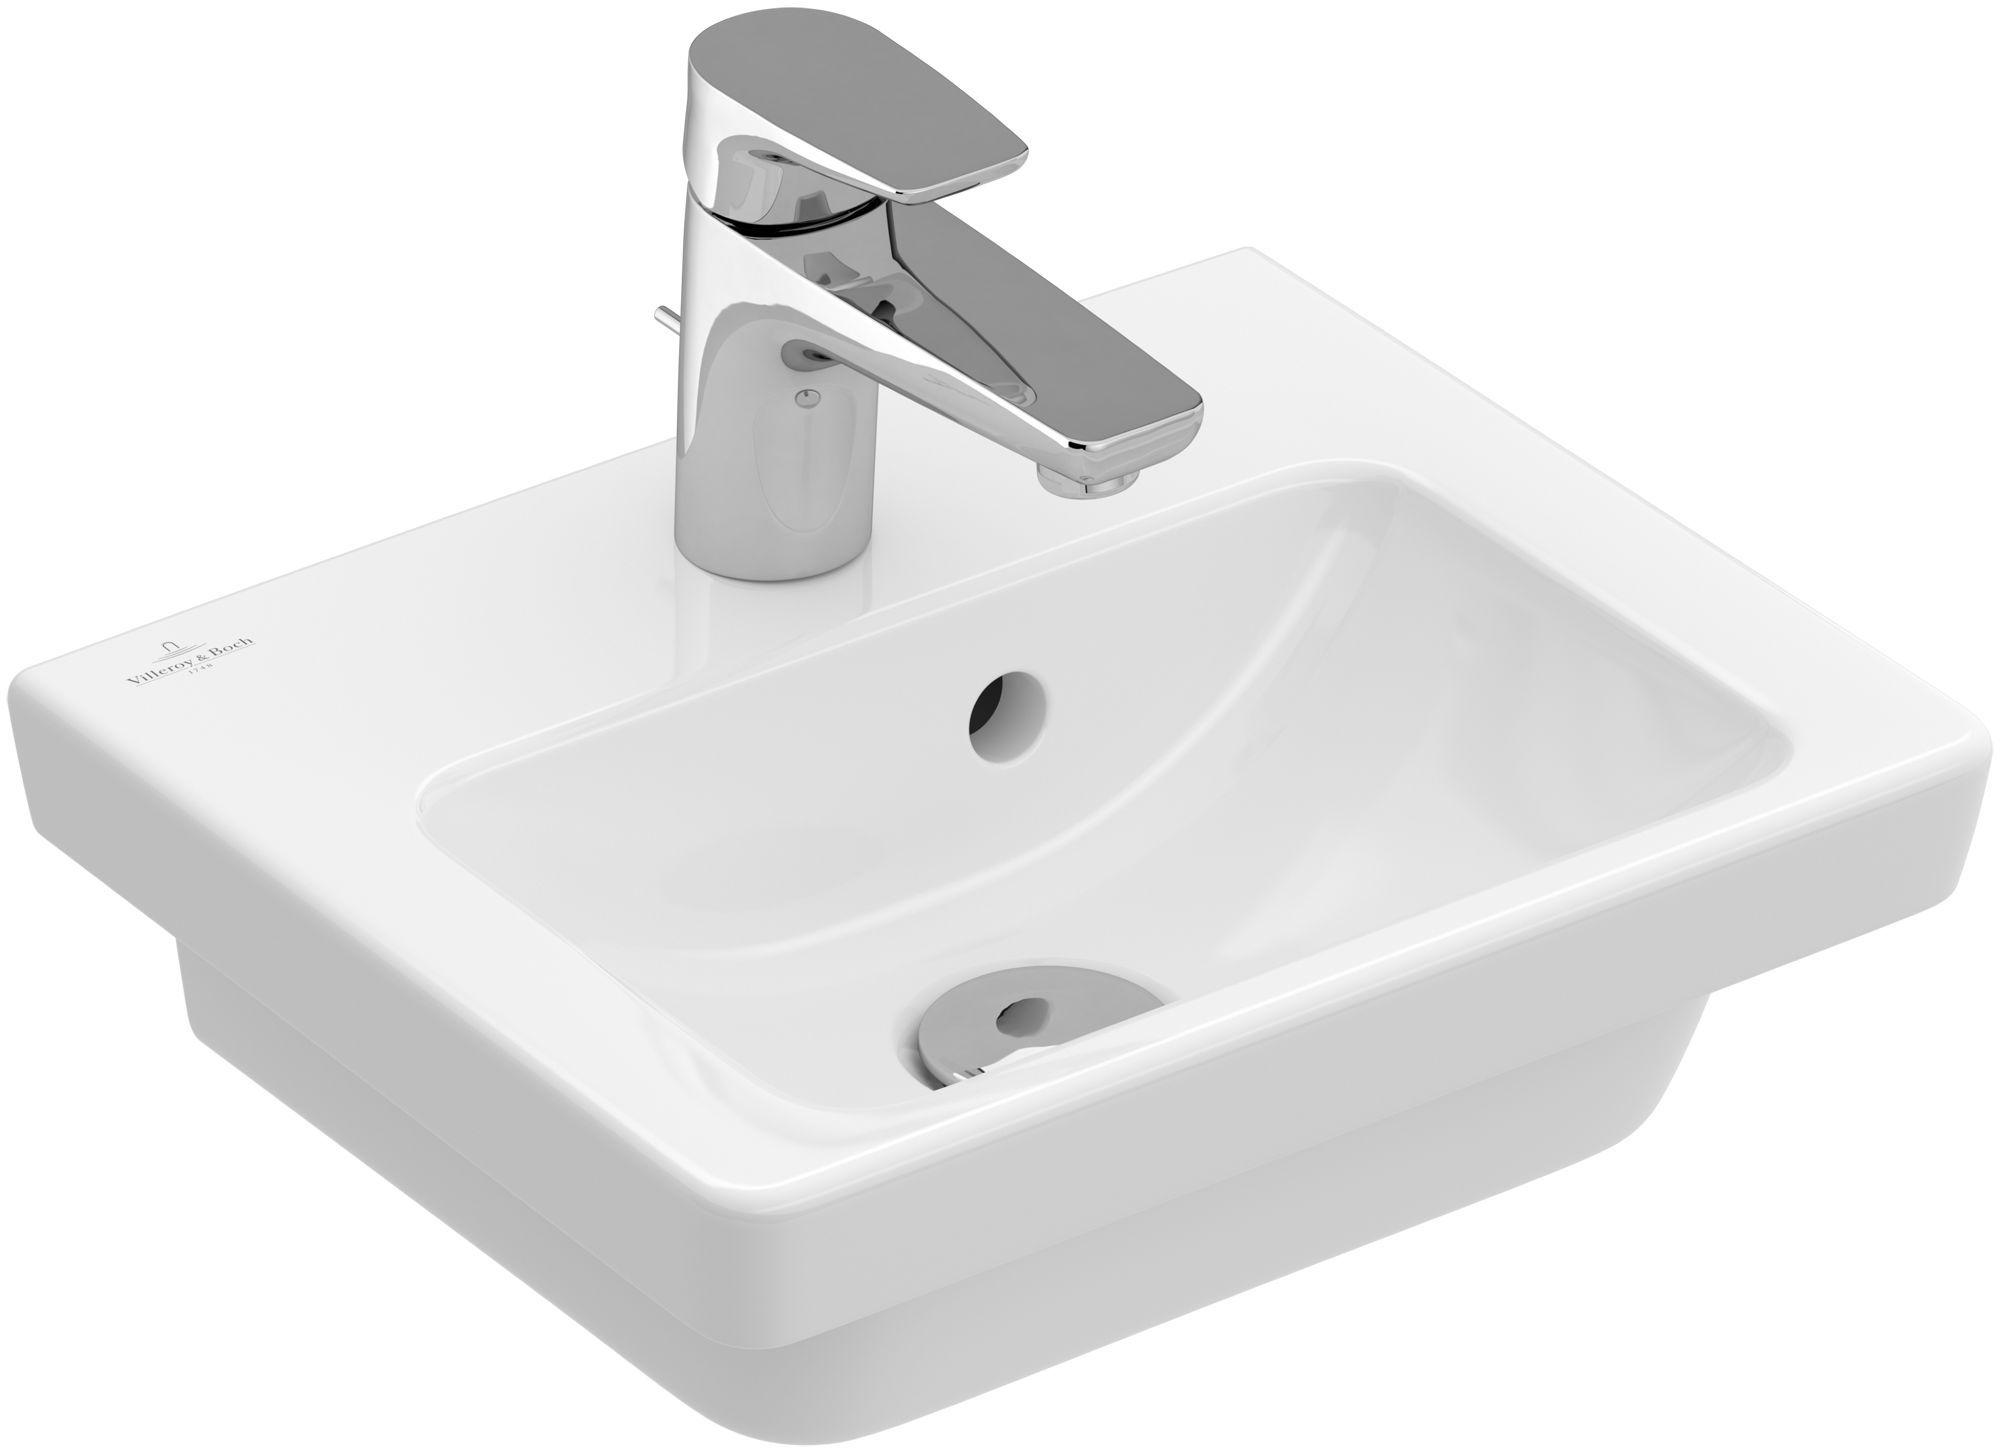 Villeroy & Boch Subway 2.0 Handwaschbecken B:37xT:30,5cm 1 Hahnloch mit Überlauf weiß mit Ceramicplus 731737R1